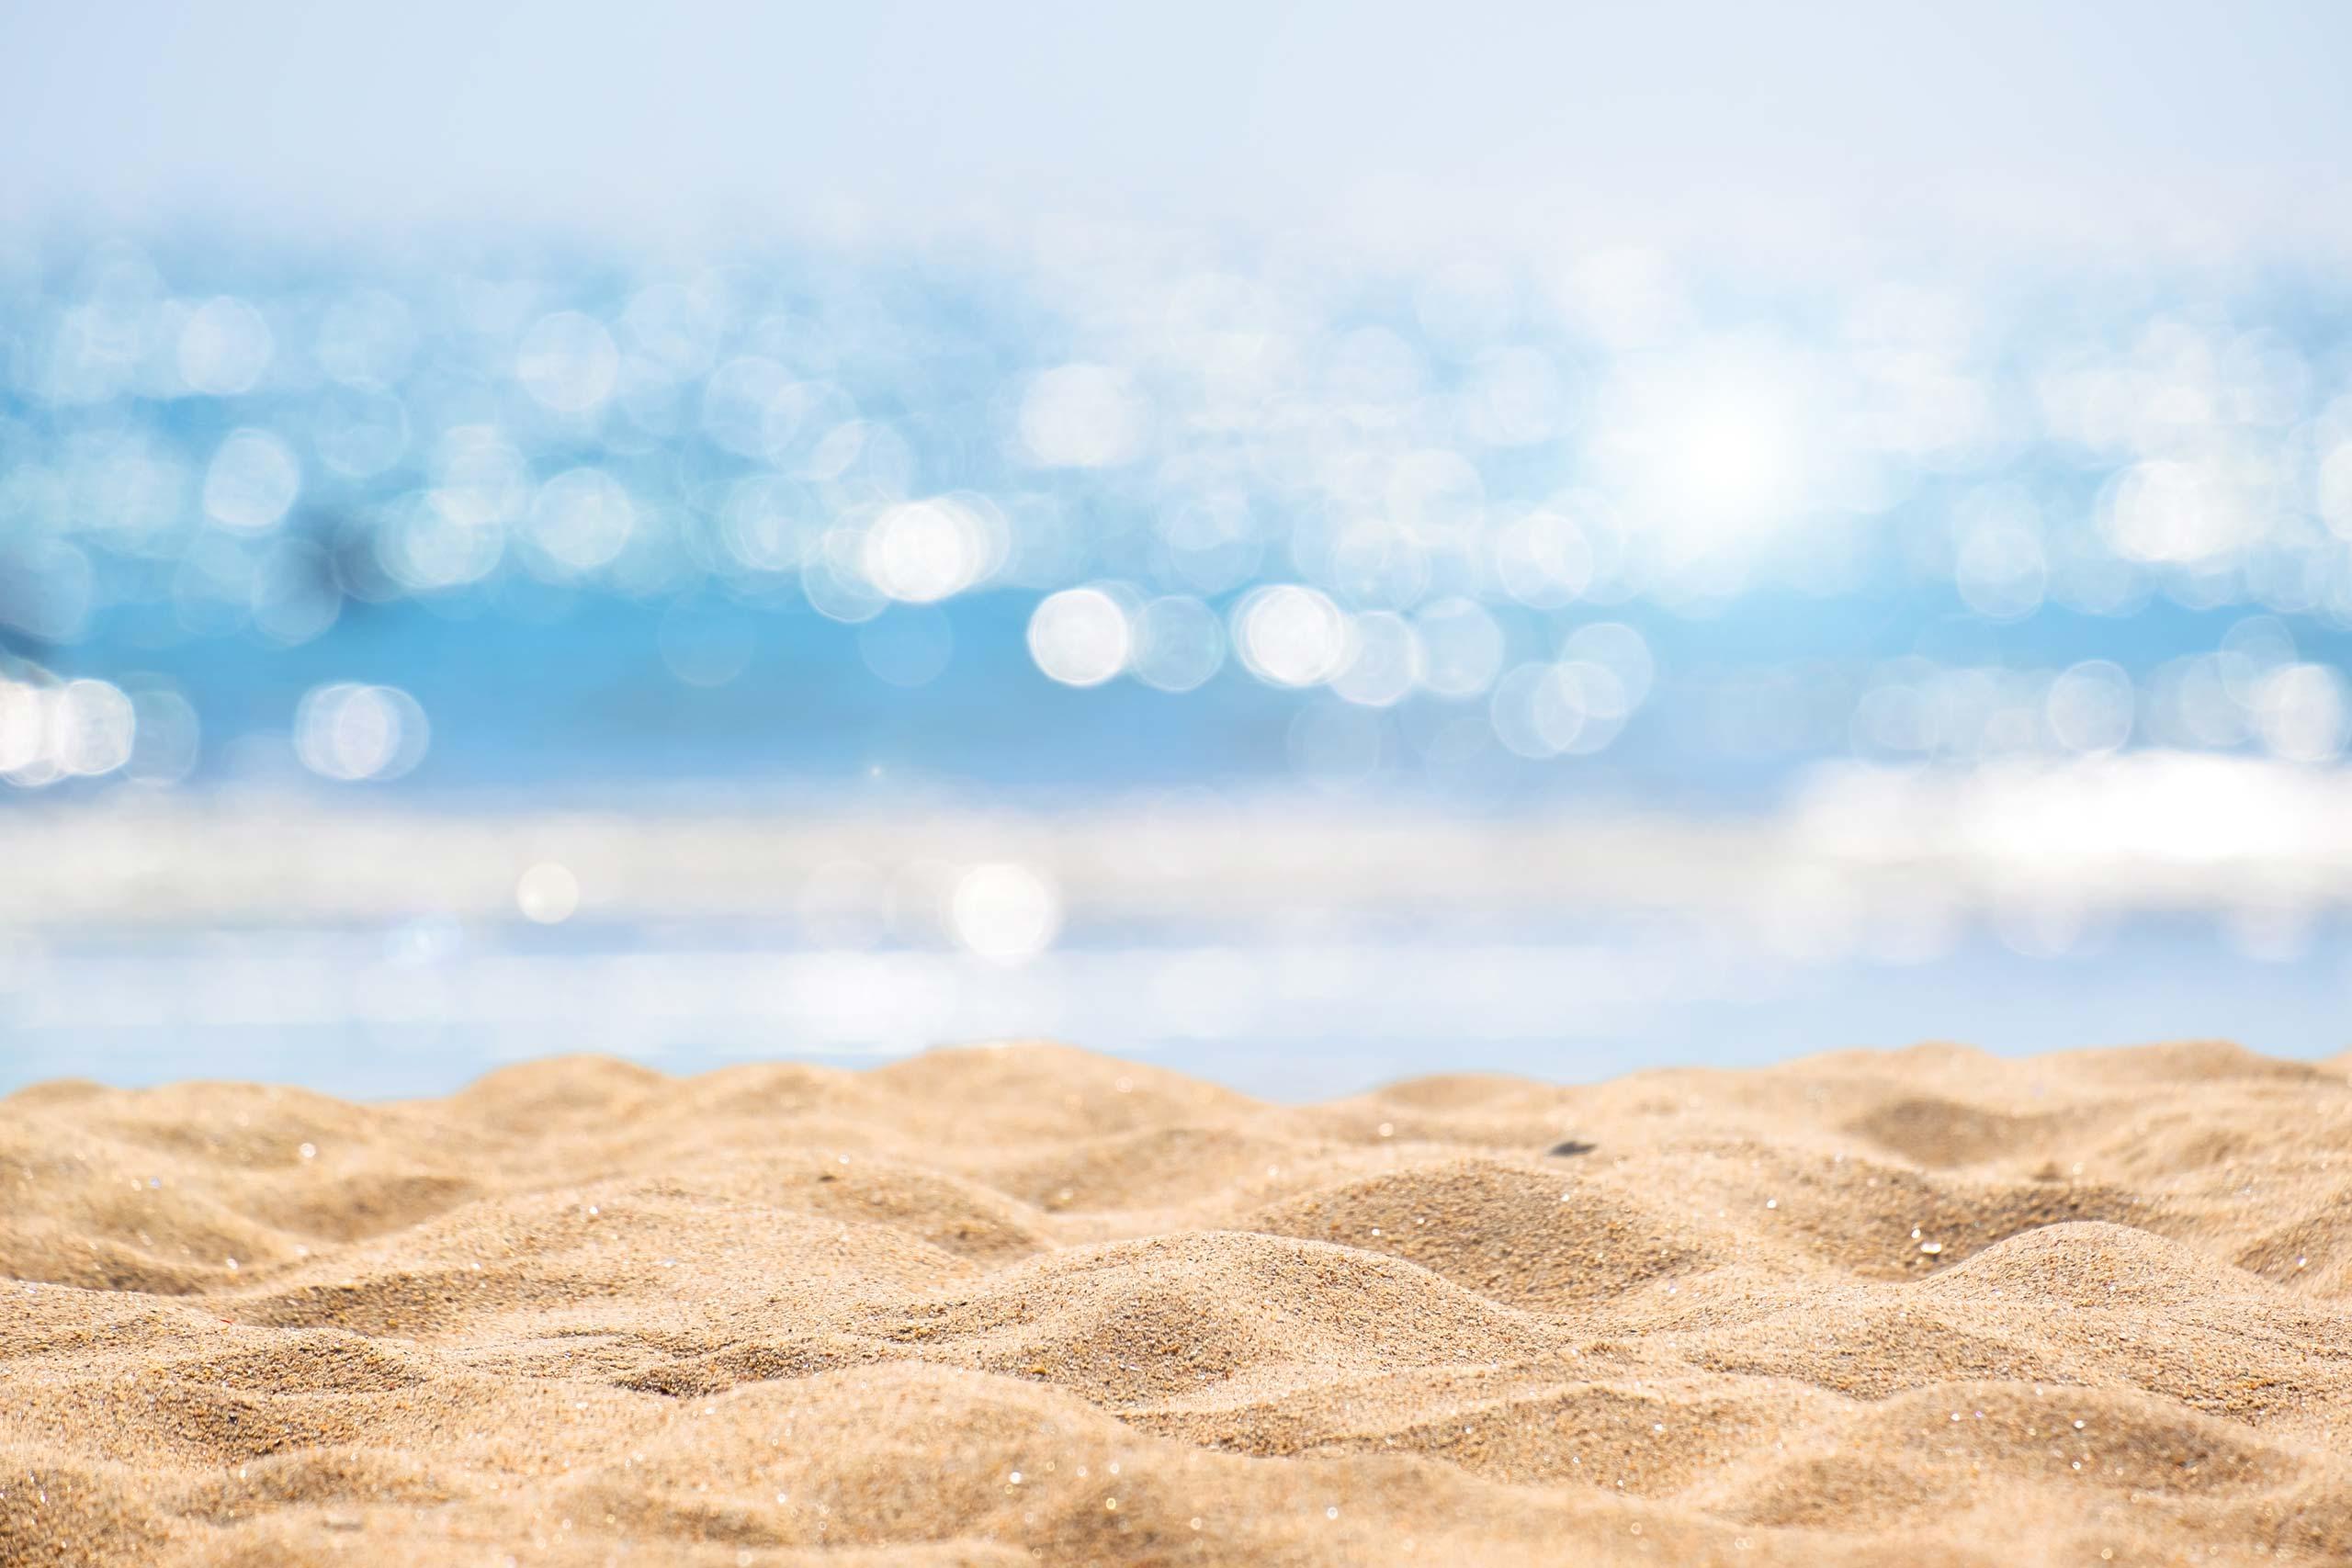 Фото на фон для фотошопа пляж с жёлтым песком и лазурным морем.